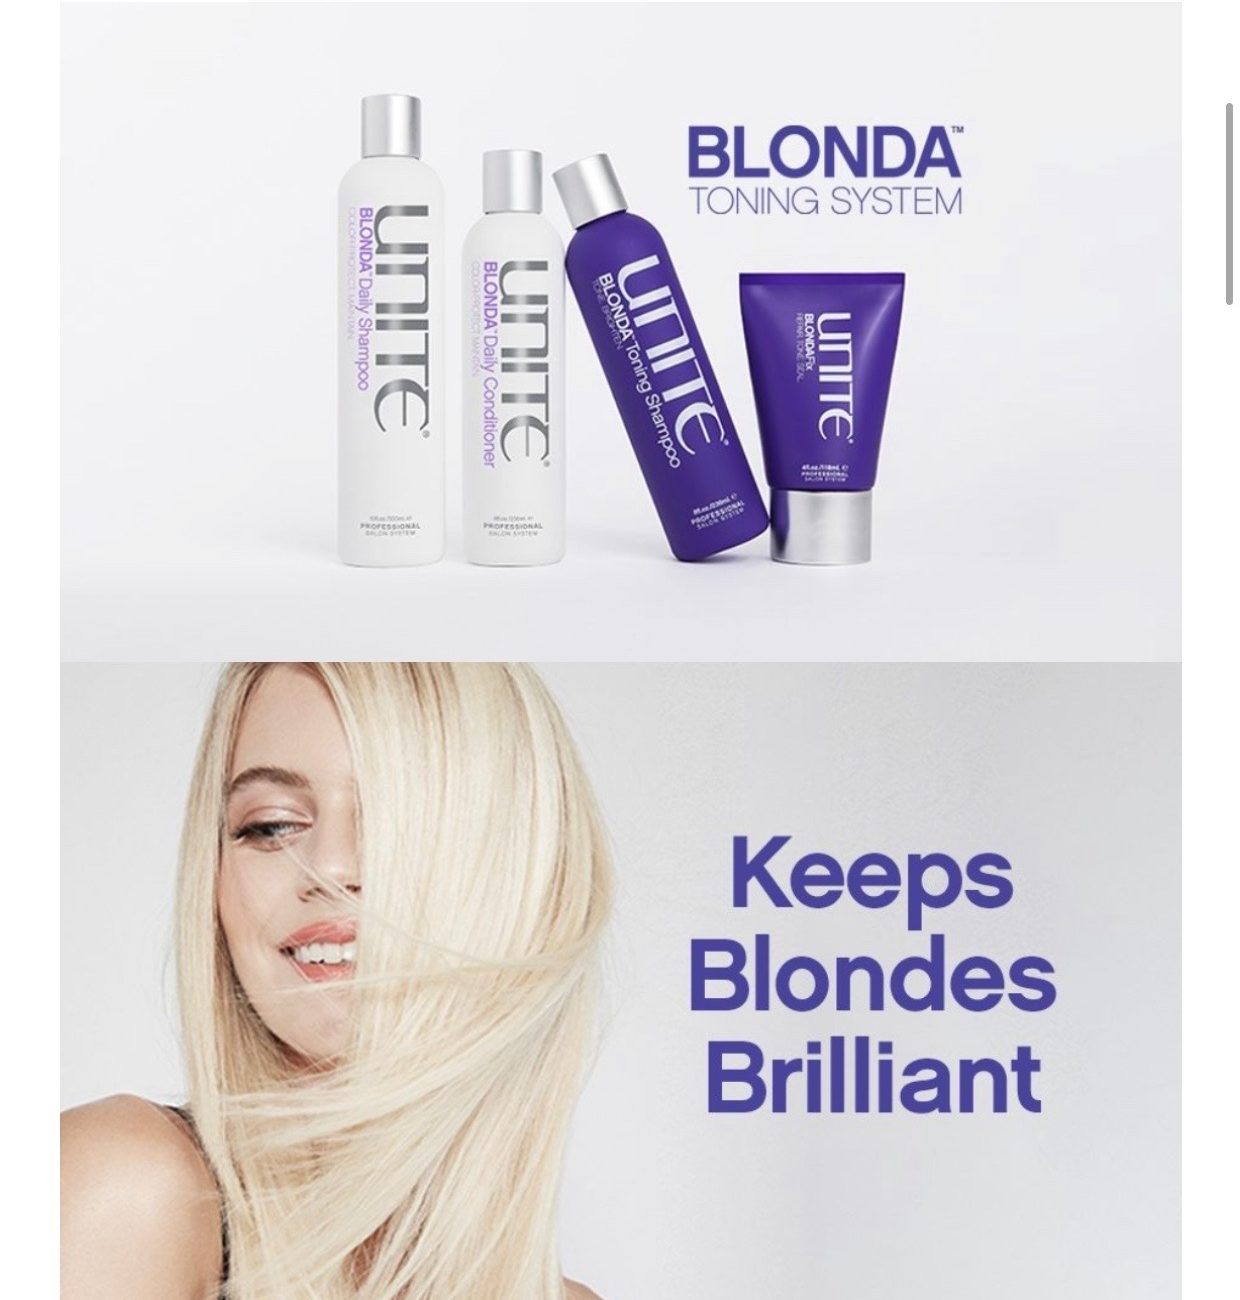 Unite Blonda